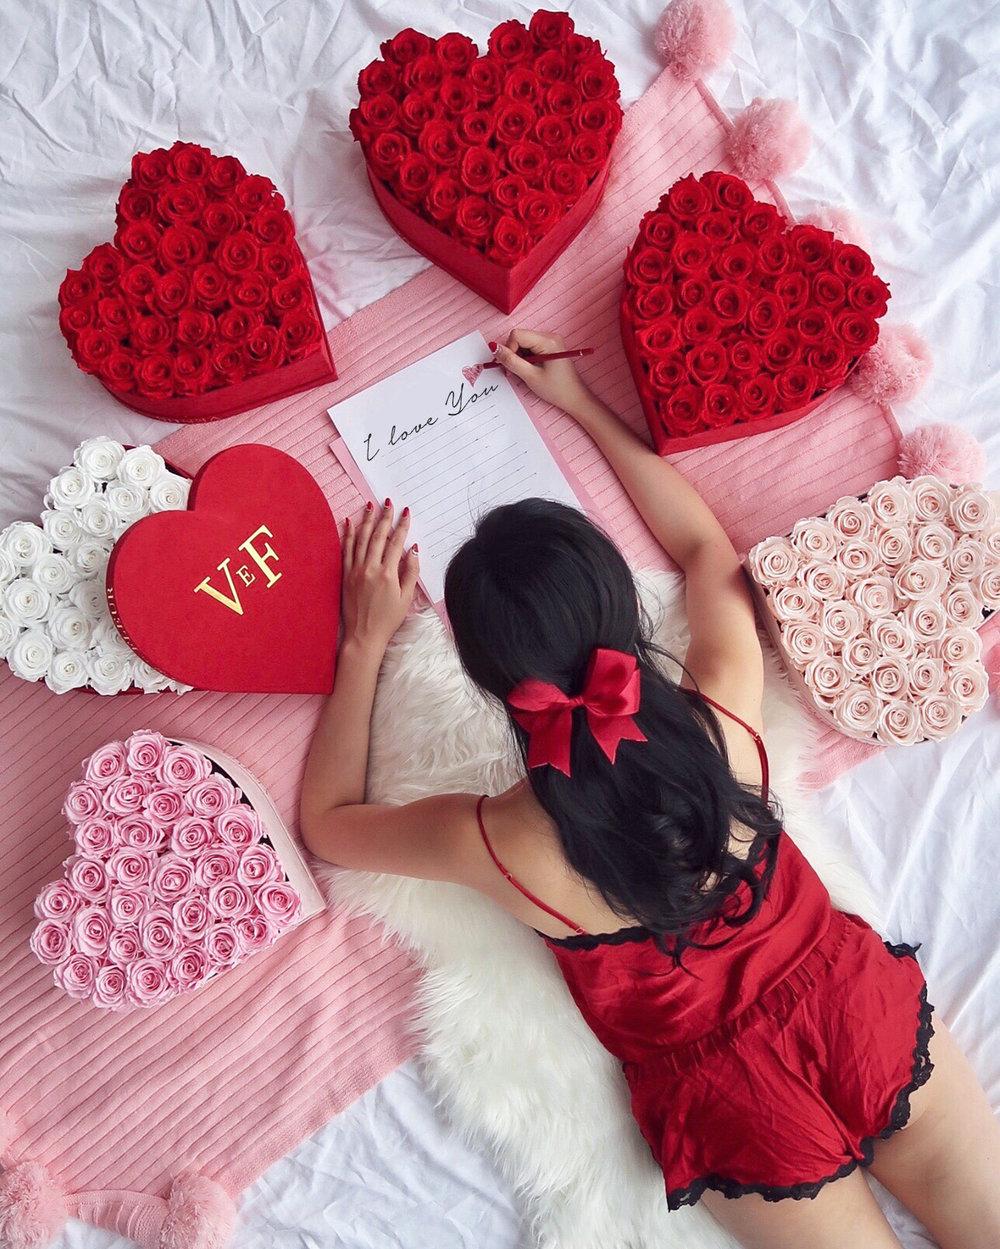 Rosen für deine Verliebte? Die perfekten Geschenke zum Valentinstag